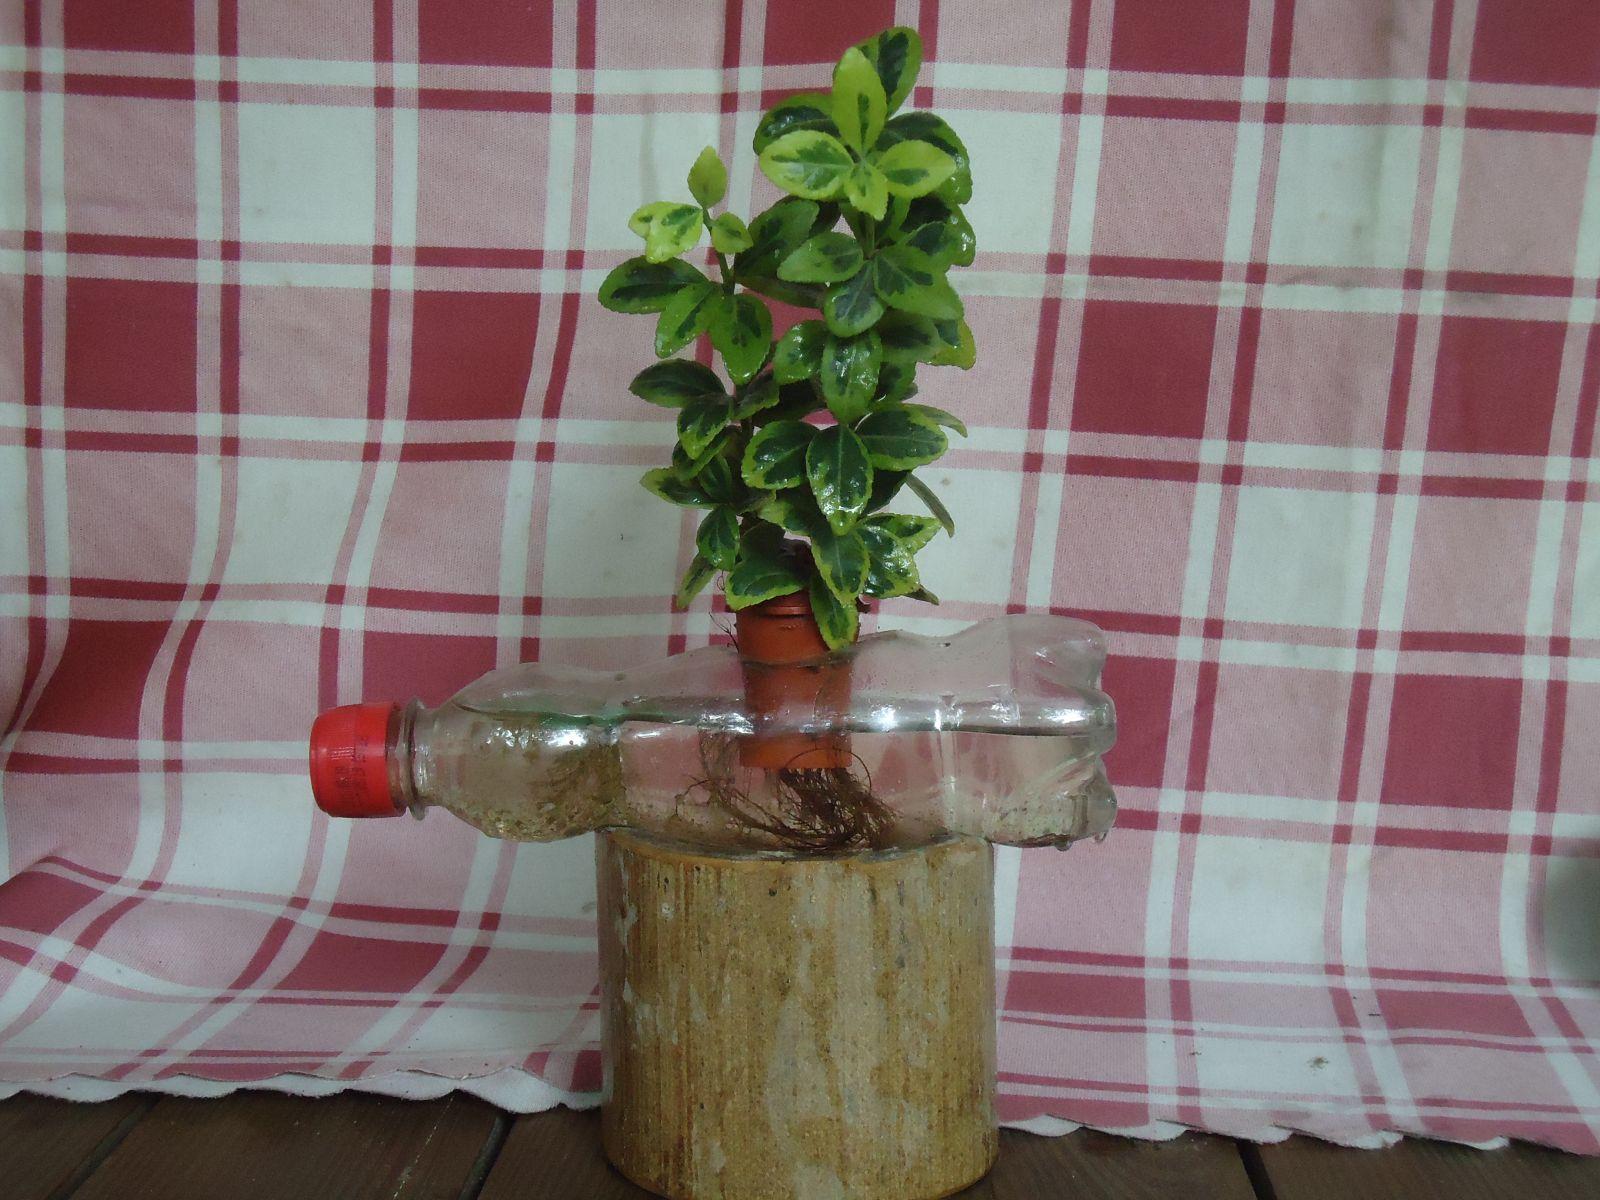 環保生態瓶